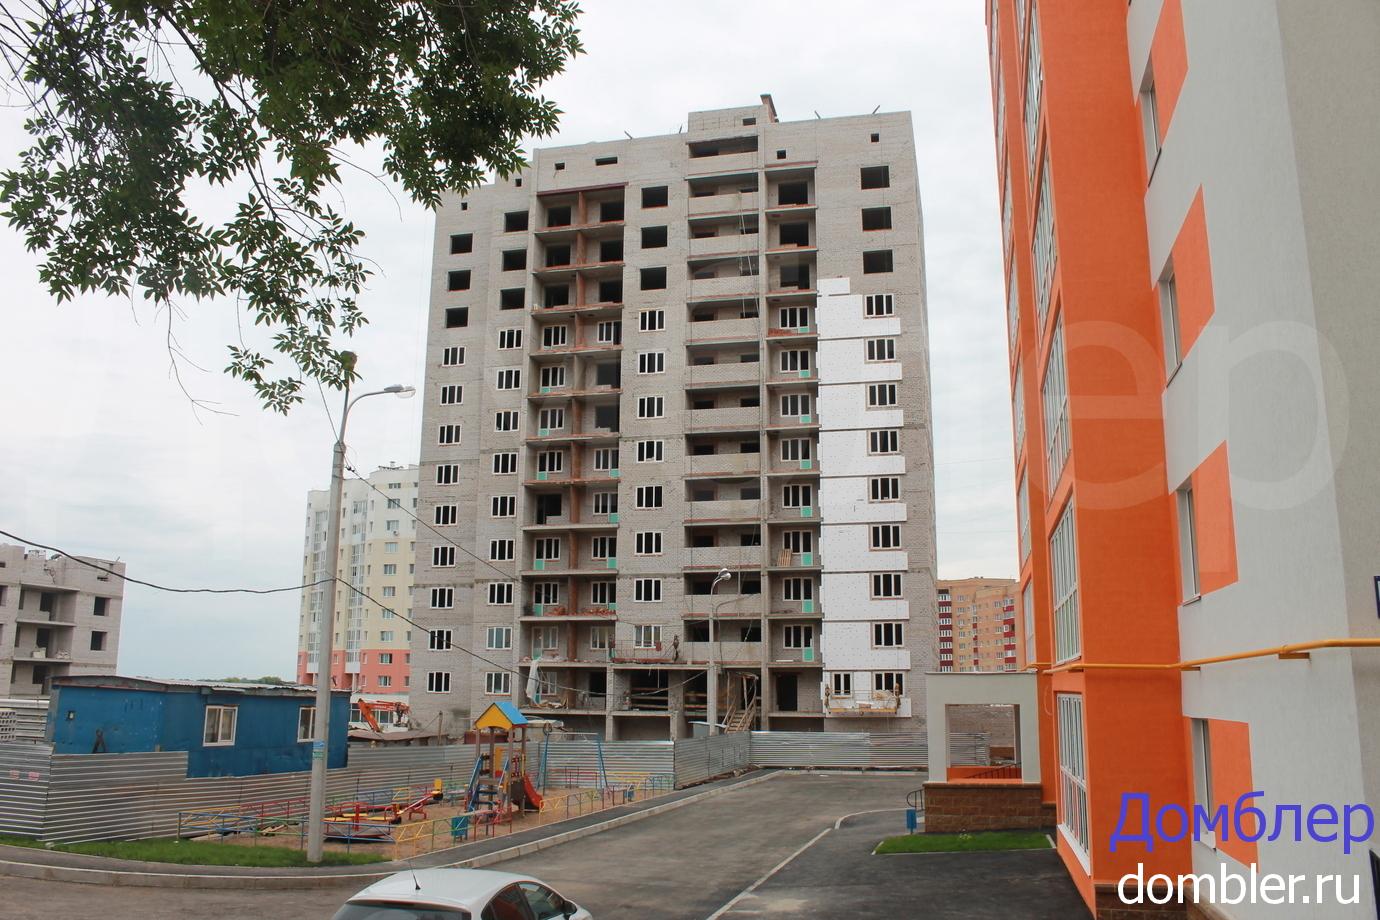 Уфимская строительная компания предлагает в деме саранск.строительные материалы